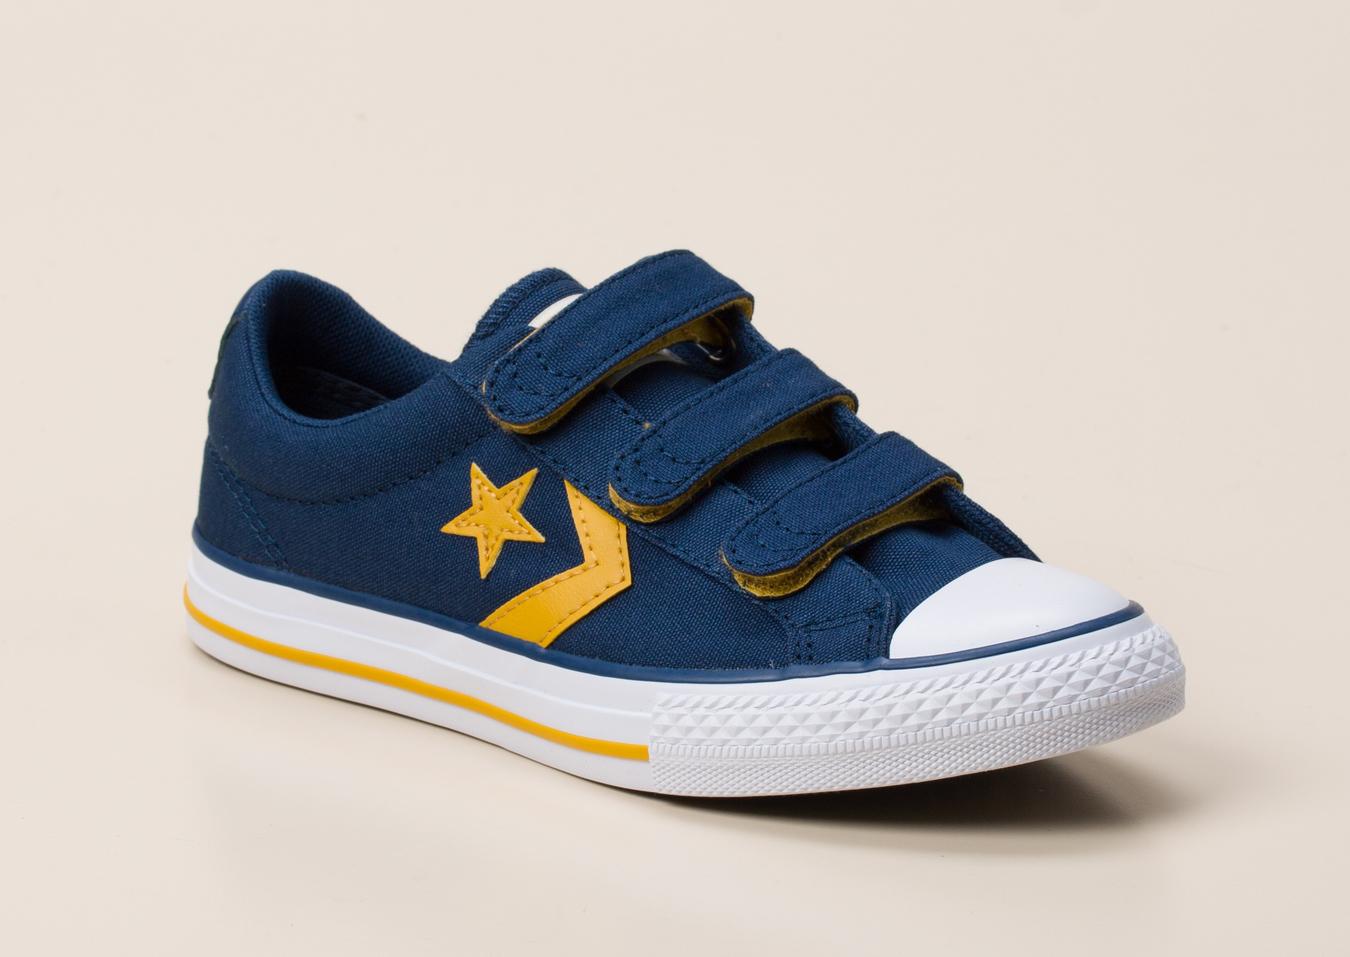 afb50ab75a340 Converse Kinder Klettverschluss-Sneaker in dunkelblau kaufen ...